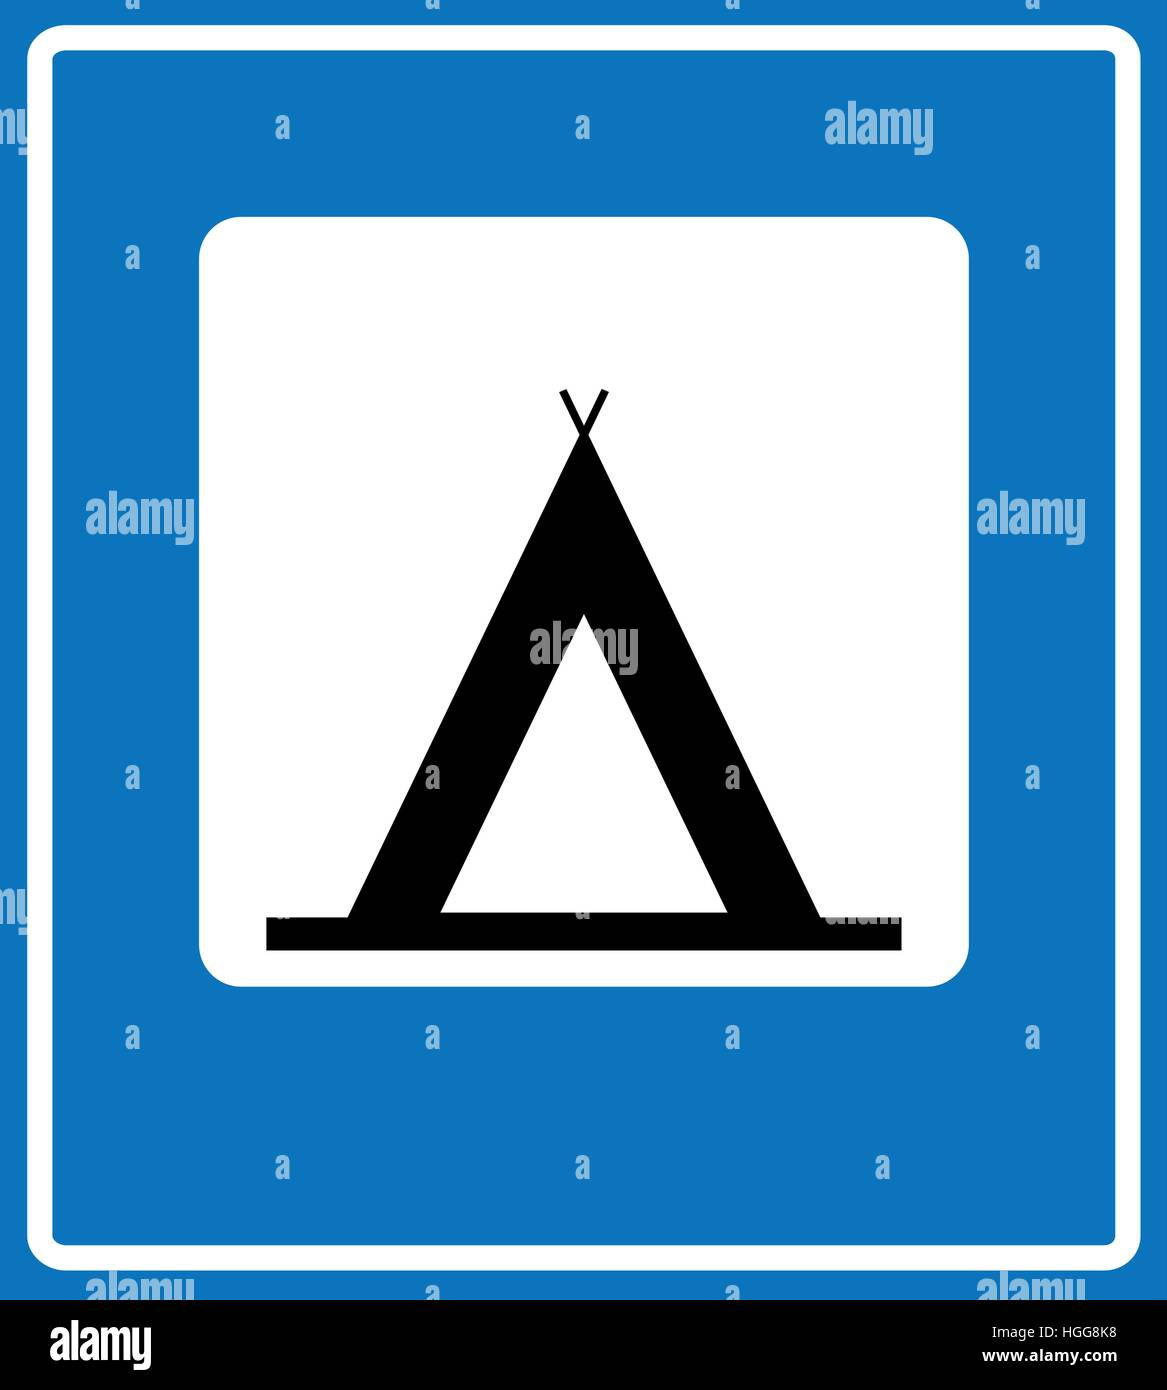 Nett Straßenschild Vorlage Galerie - Entry Level Resume Vorlagen ...